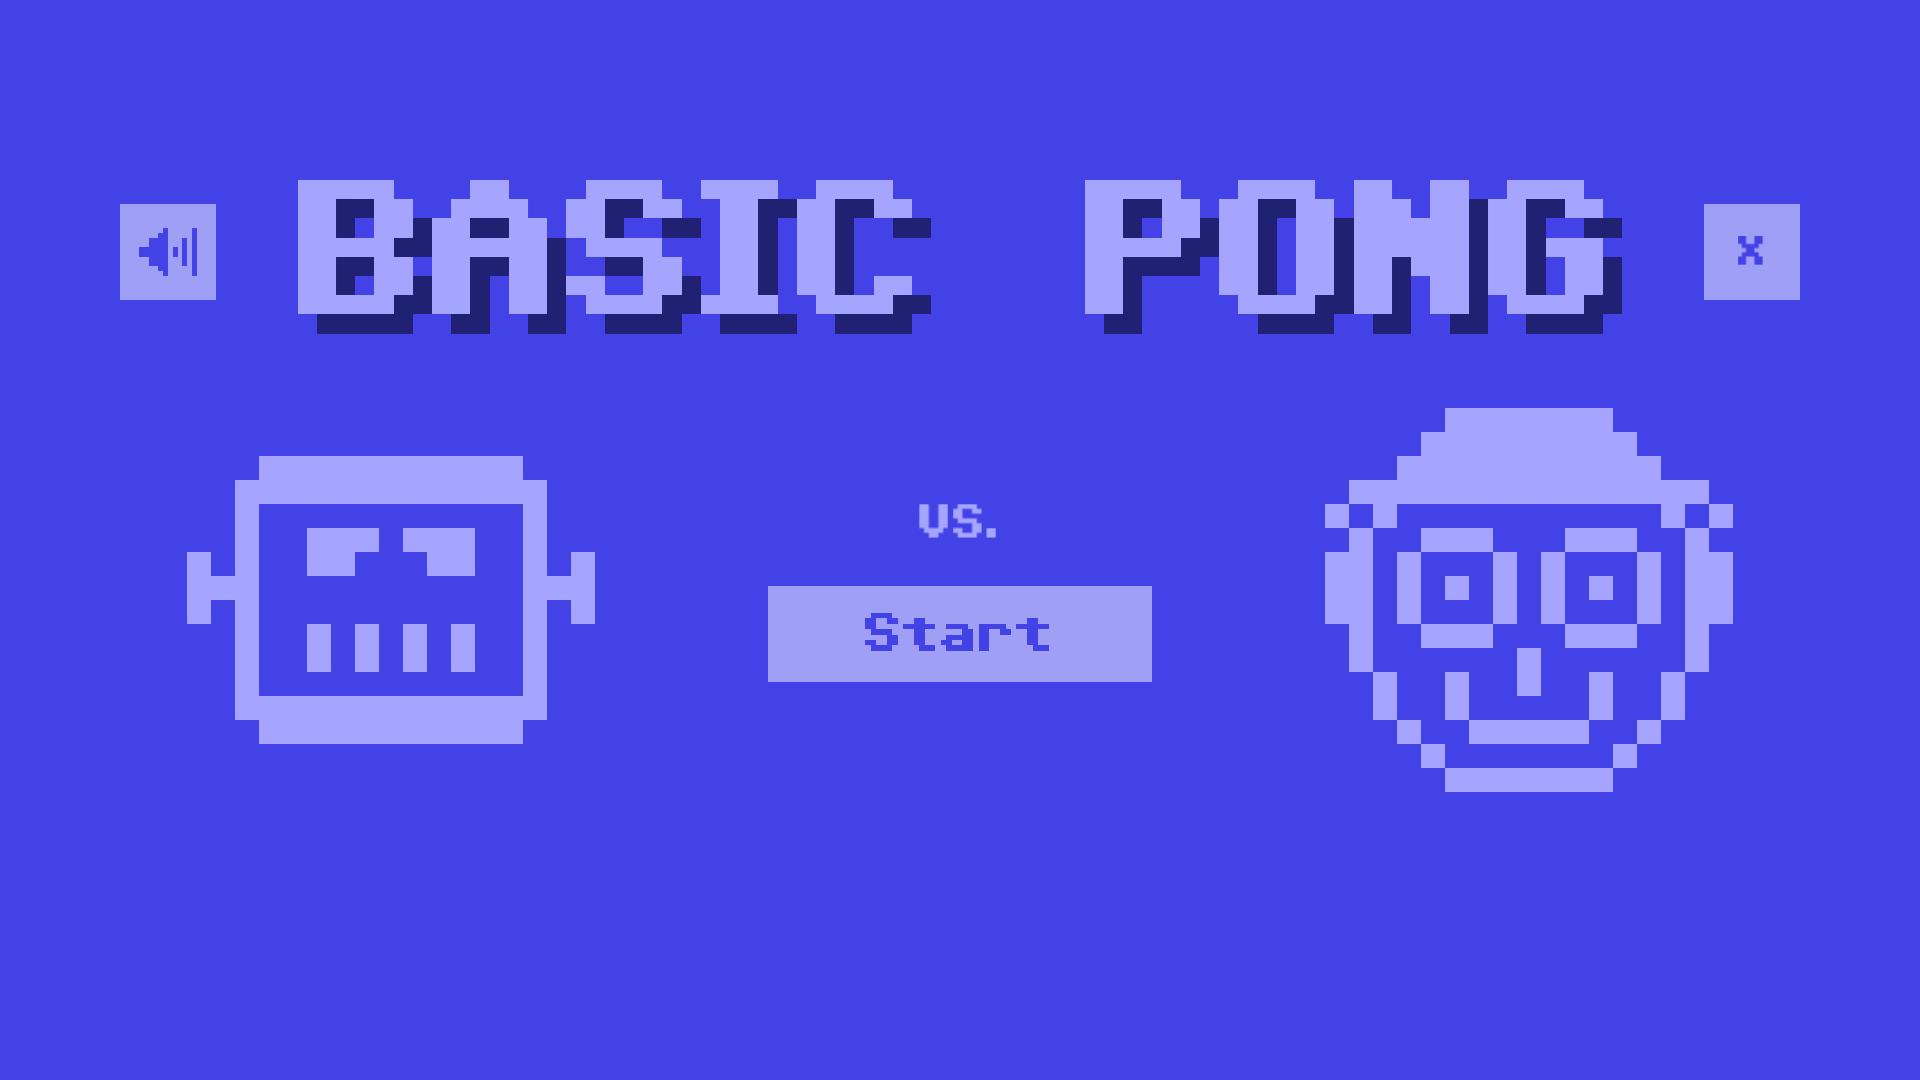 Basic Pong